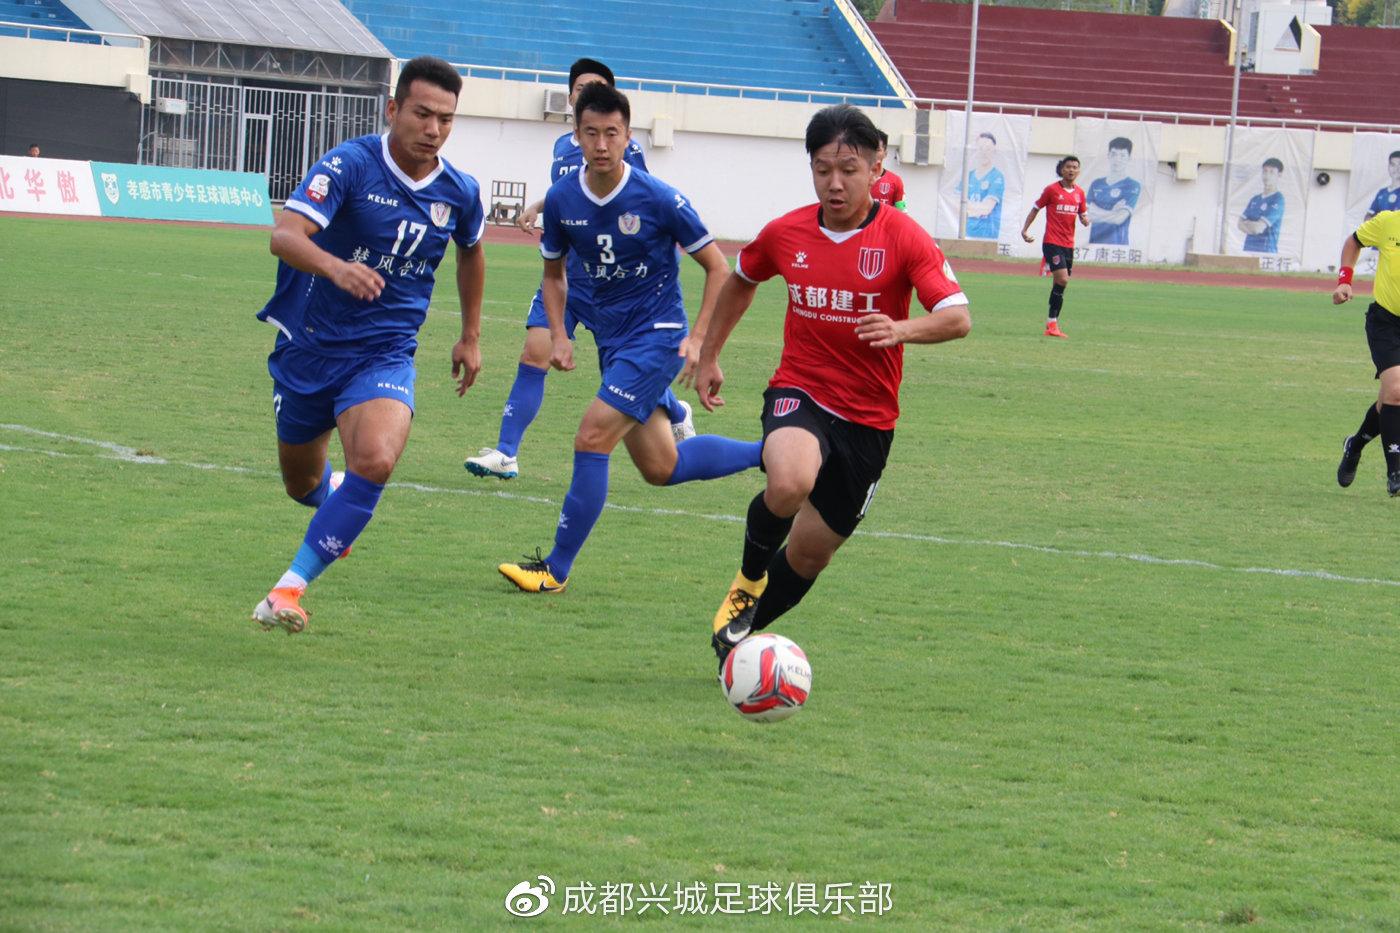 中乙:沈阳关键战击败河北,淄博泰州取胜青岛两队告负